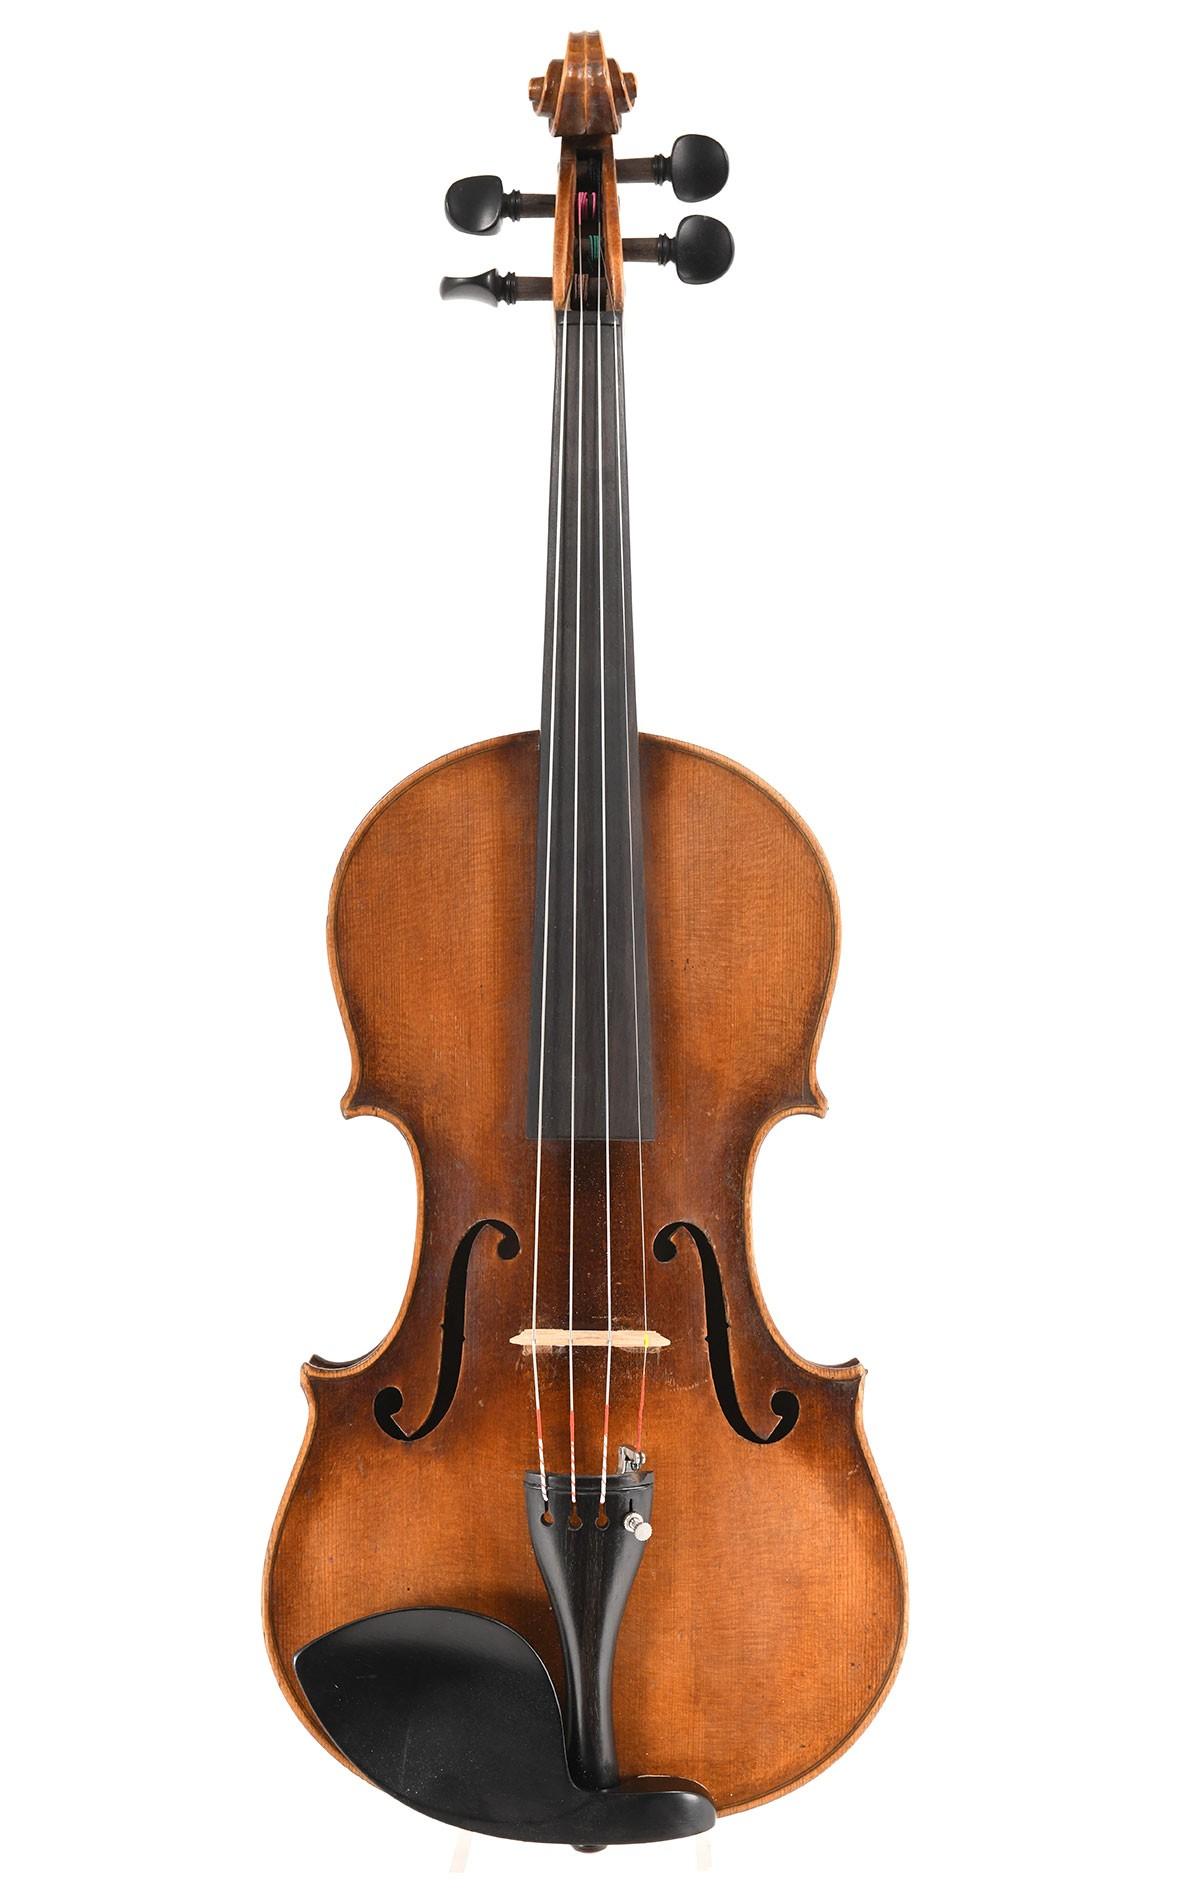 Violon ancien. Saxe, d'après Stradivarius, vers 1920